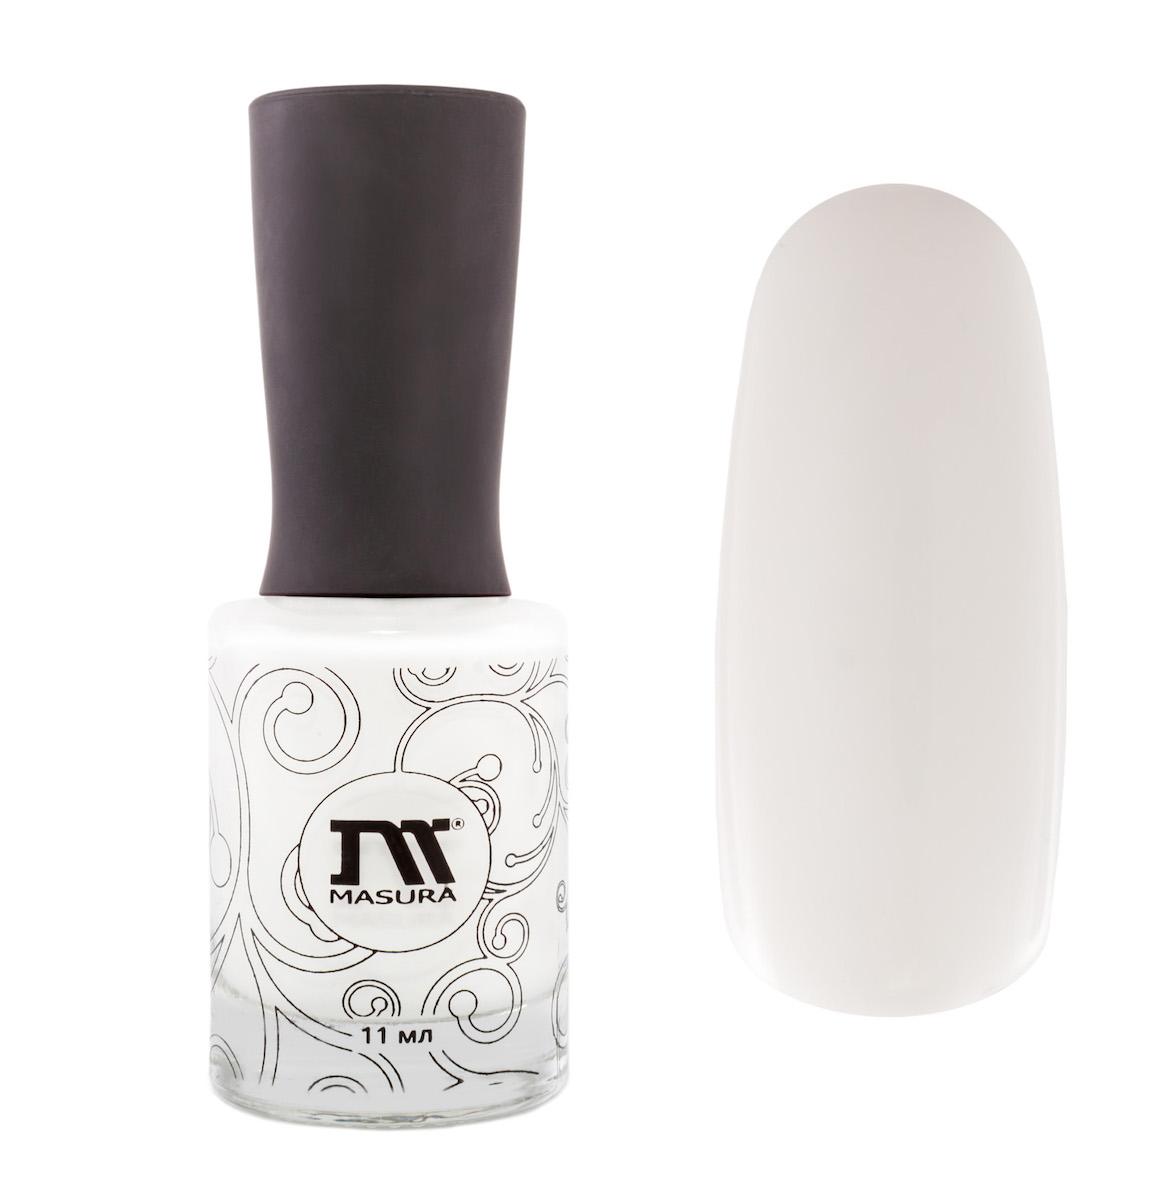 Masura Лак для ногтей Белый Танец, 11 мл6Кипельно-белый, для французского маникюра.